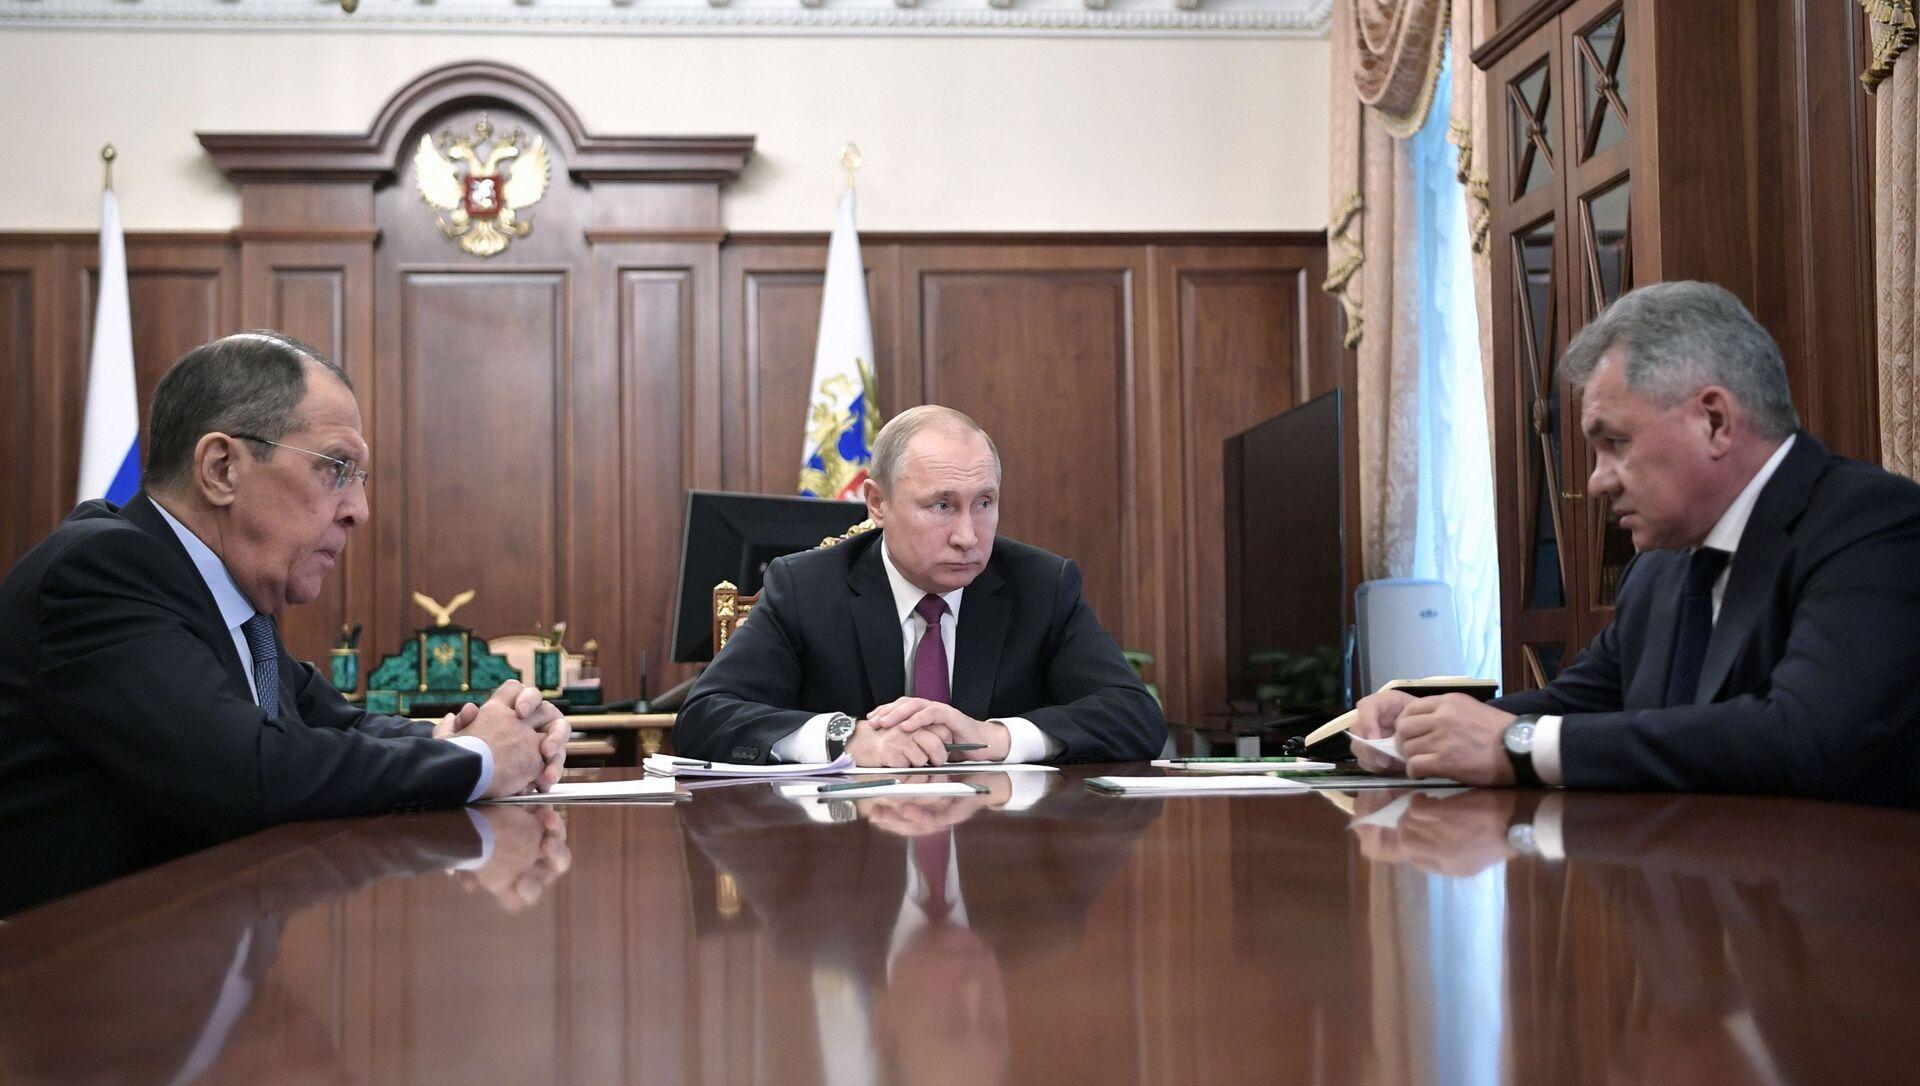 Президент РФ В. Путин встретился с главами МИД и Минобороны РФ С. Лавровым и C. Шойгу - Sputnik Азербайджан, 1920, 27.09.2021